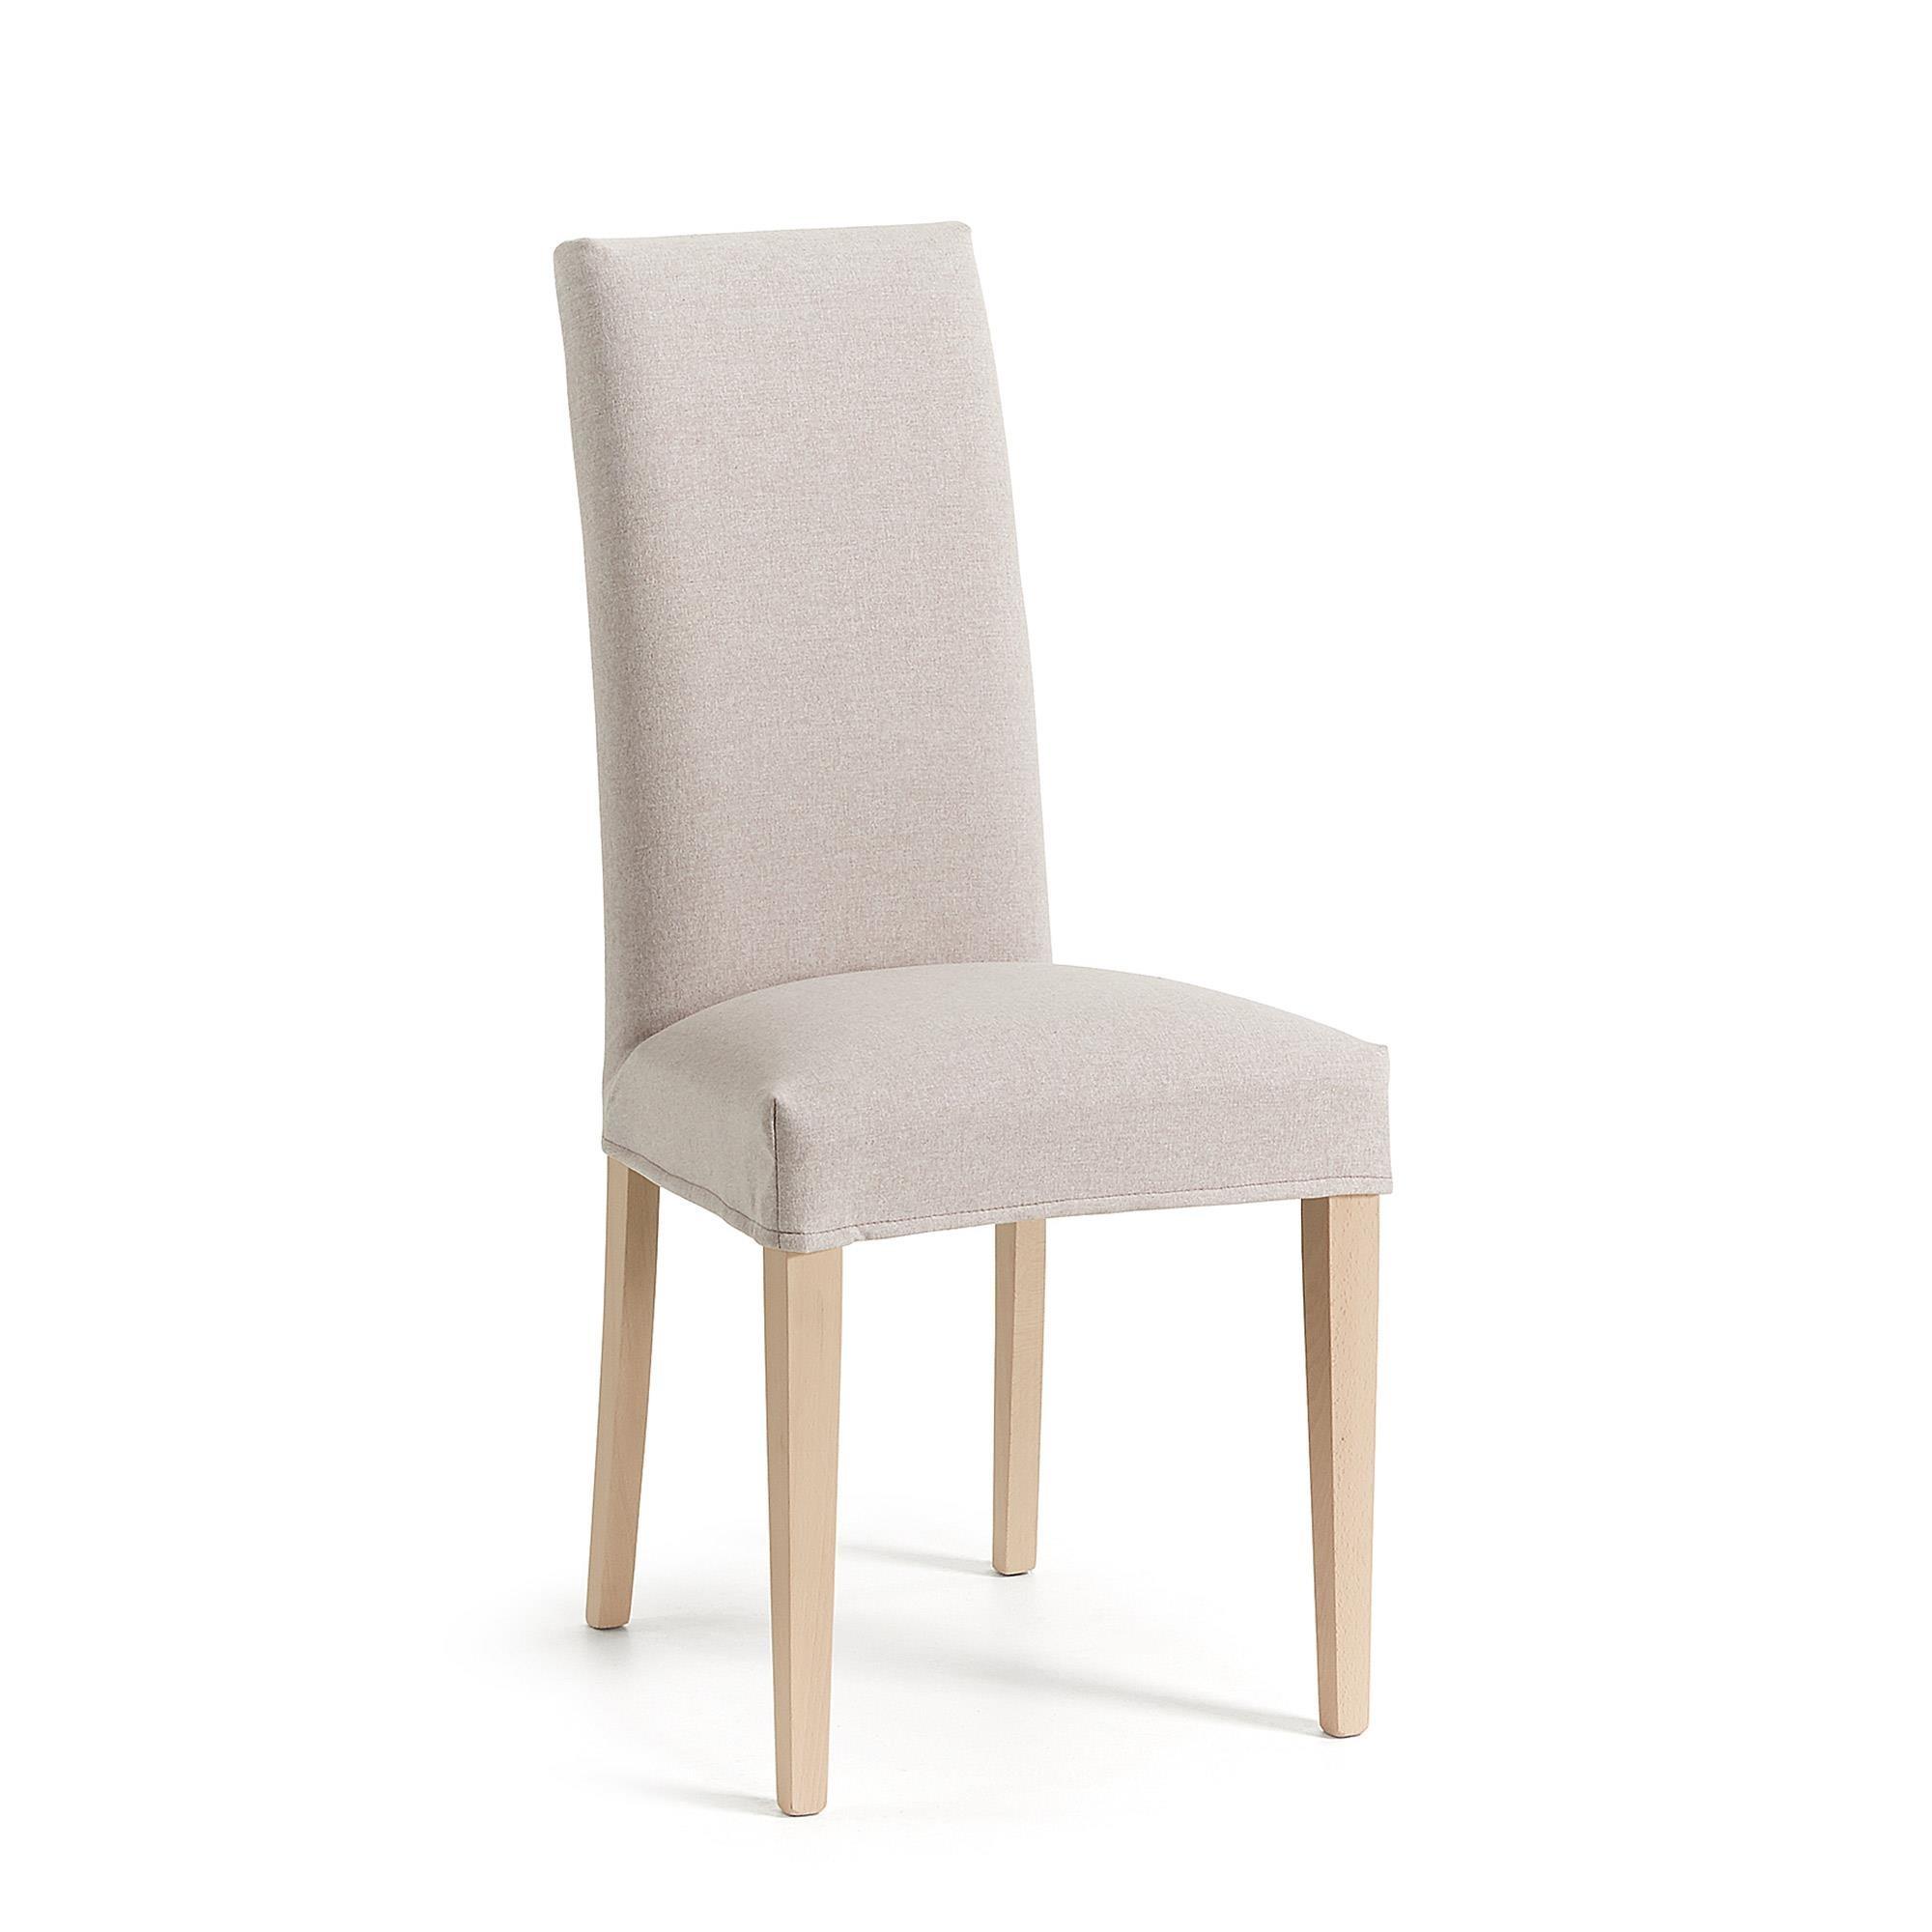 Krzesło MERCEDE 46x56 kolor beżowy